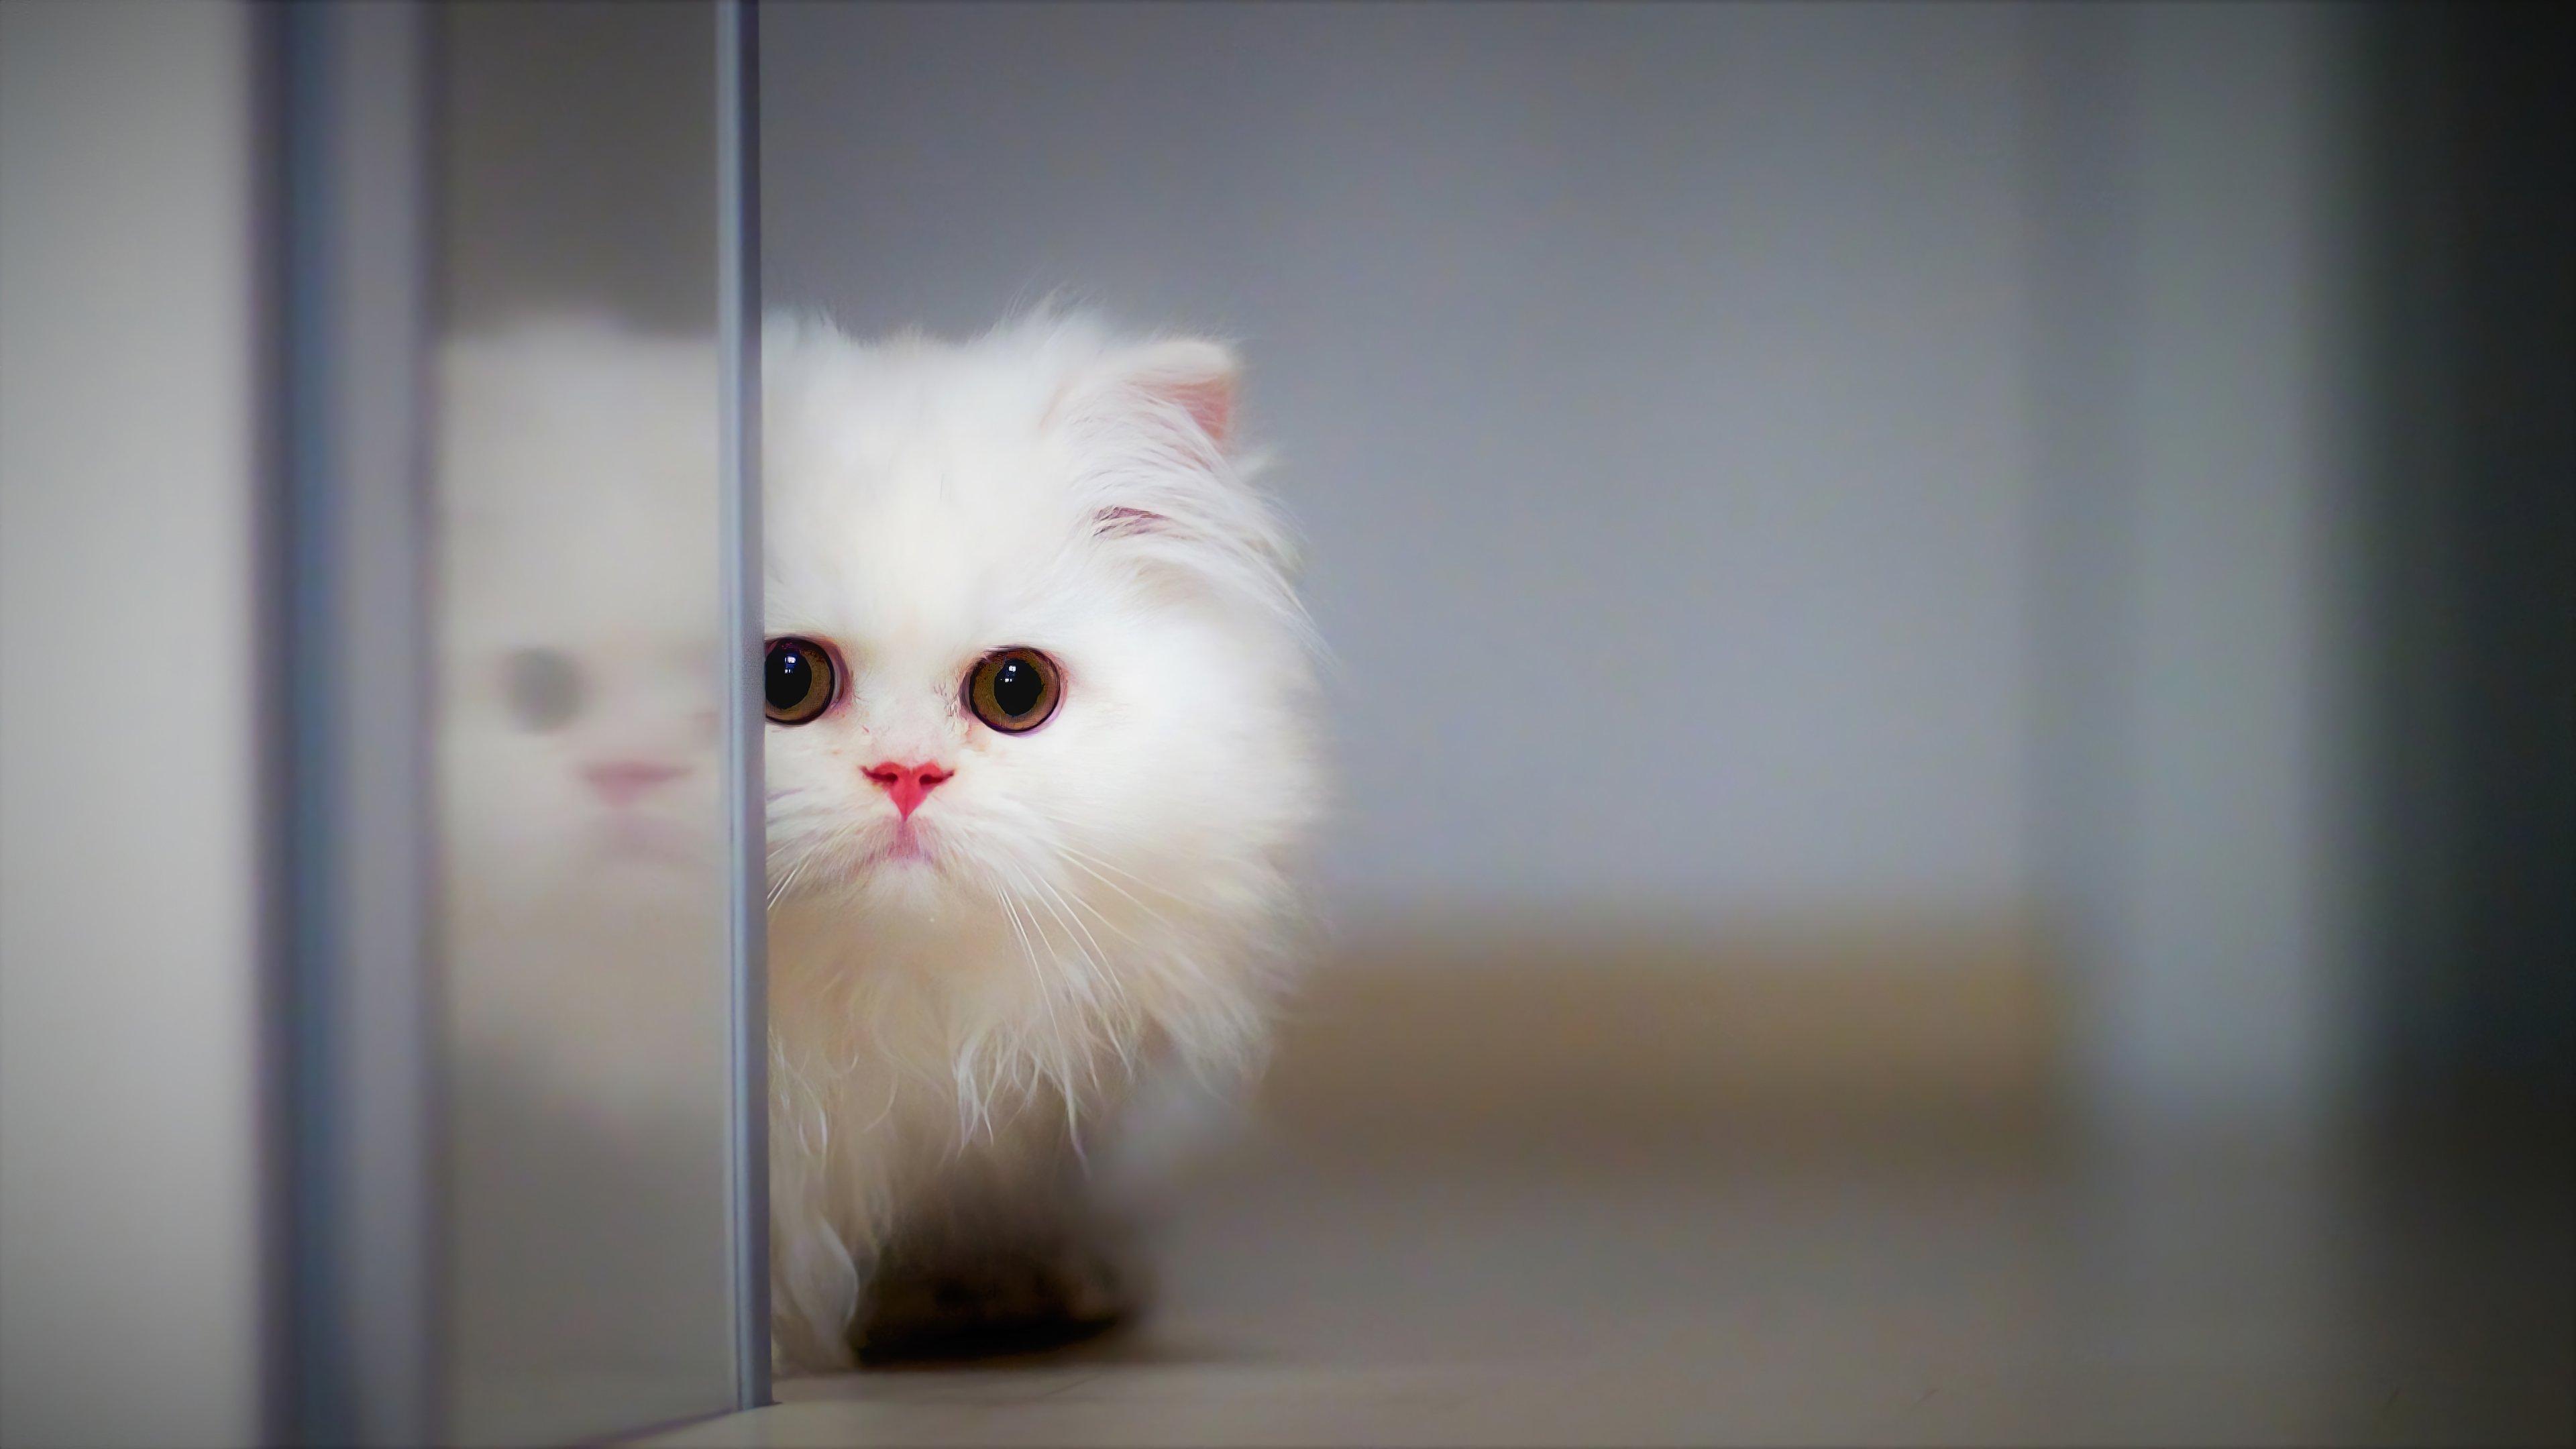 Fondos de pantalla Gato peludo